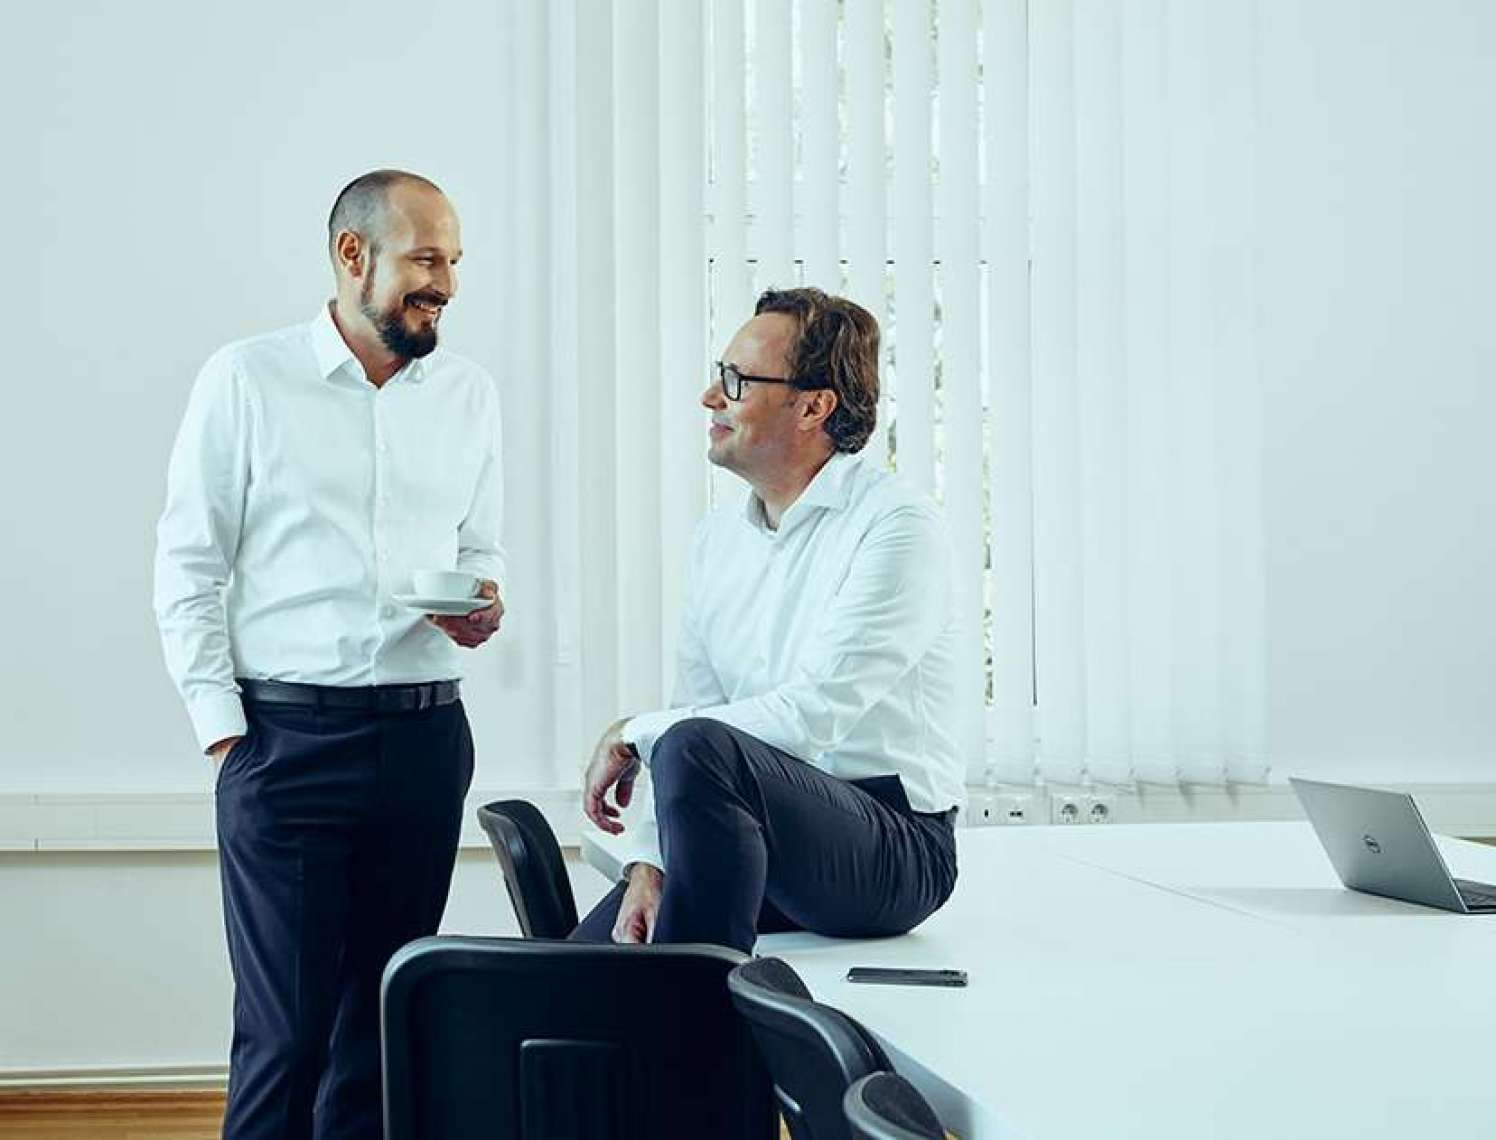 Zwei Mitarbeiter unterhalten sich im Büro